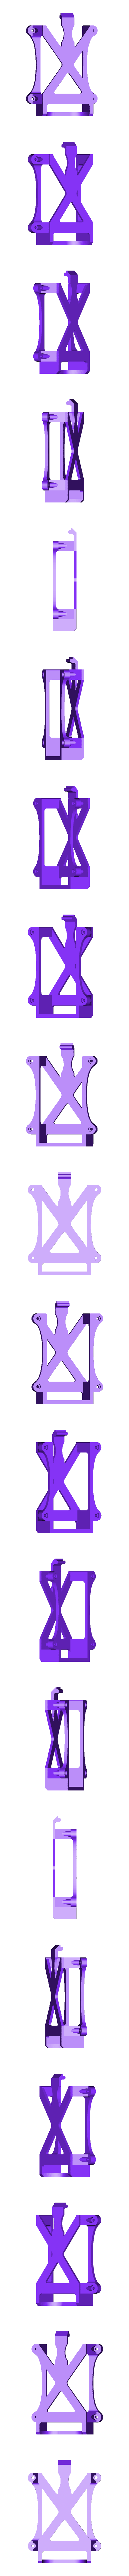 mocowanie_aku.stl Télécharger fichier STL gratuit MJX Bugs 6 - porte-piles • Design à imprimer en 3D, kpawel